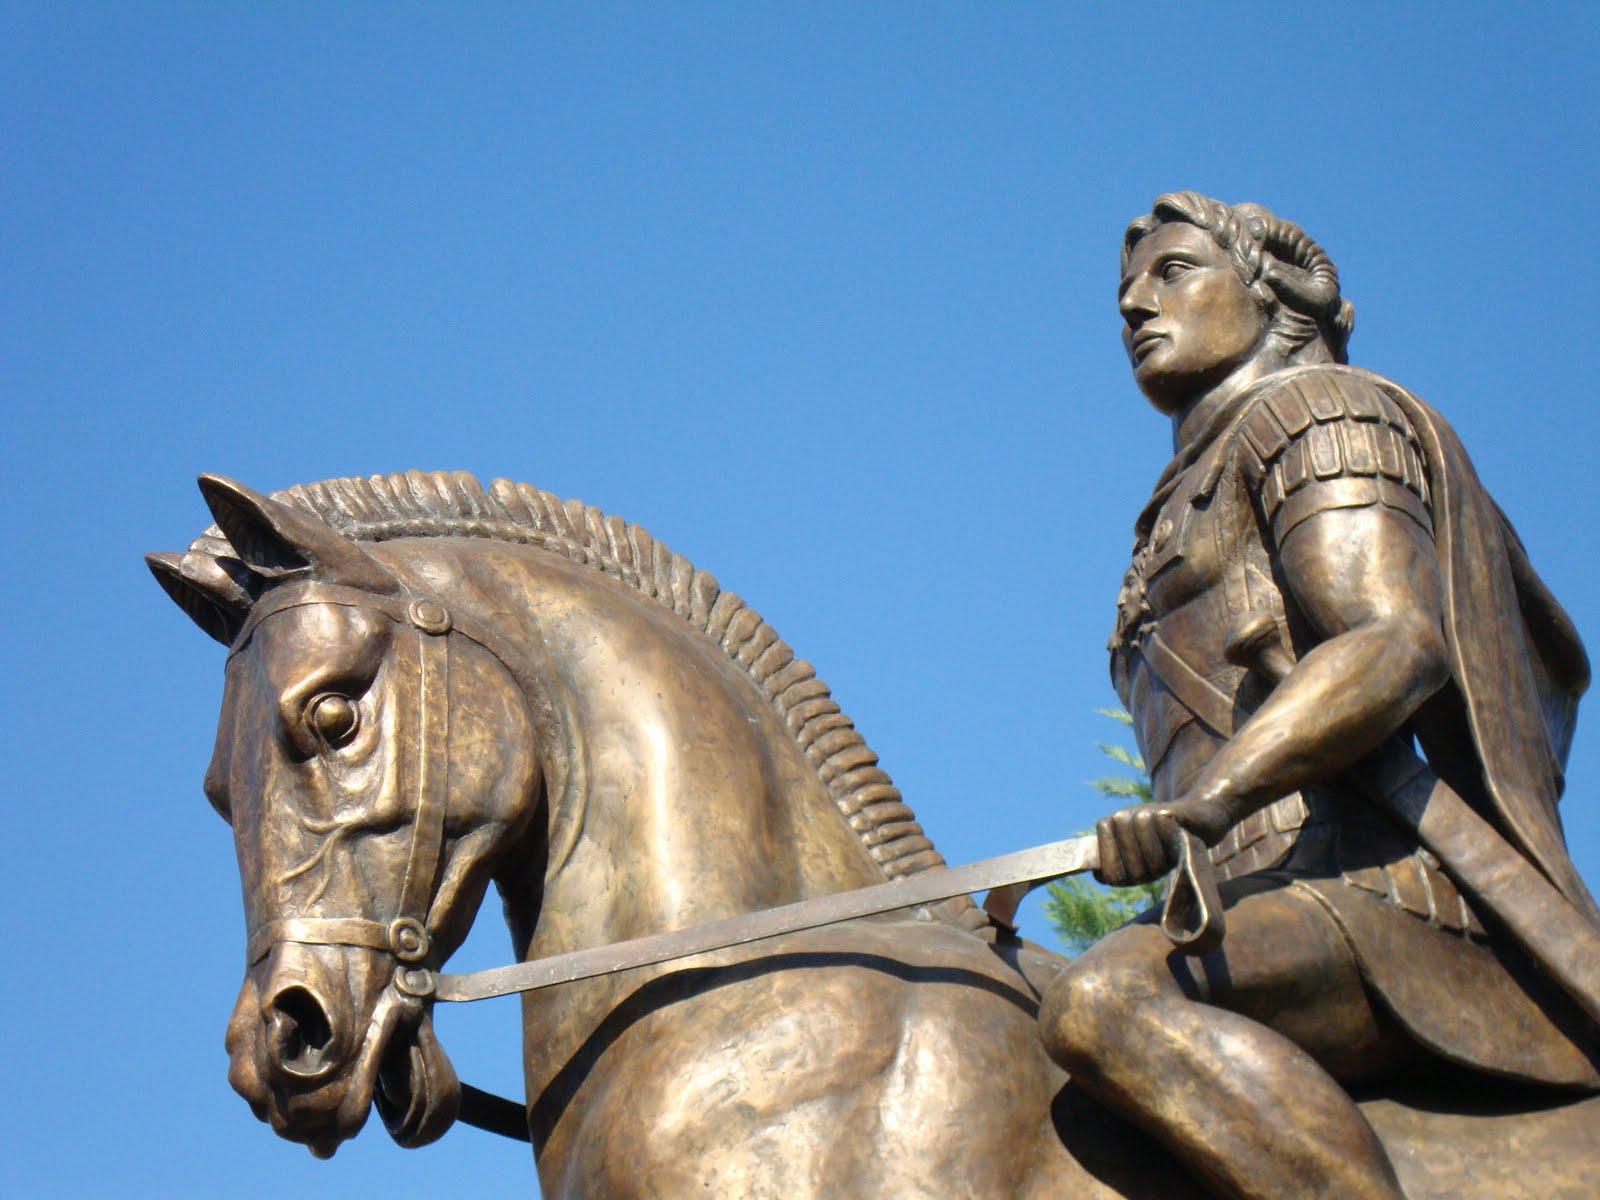 Με κάθε επισημότητα έγιναν τα αποκαλυπτήρια του Αγάλματος του Μ. Αλεξάνδρου στα Γιαννιτσά